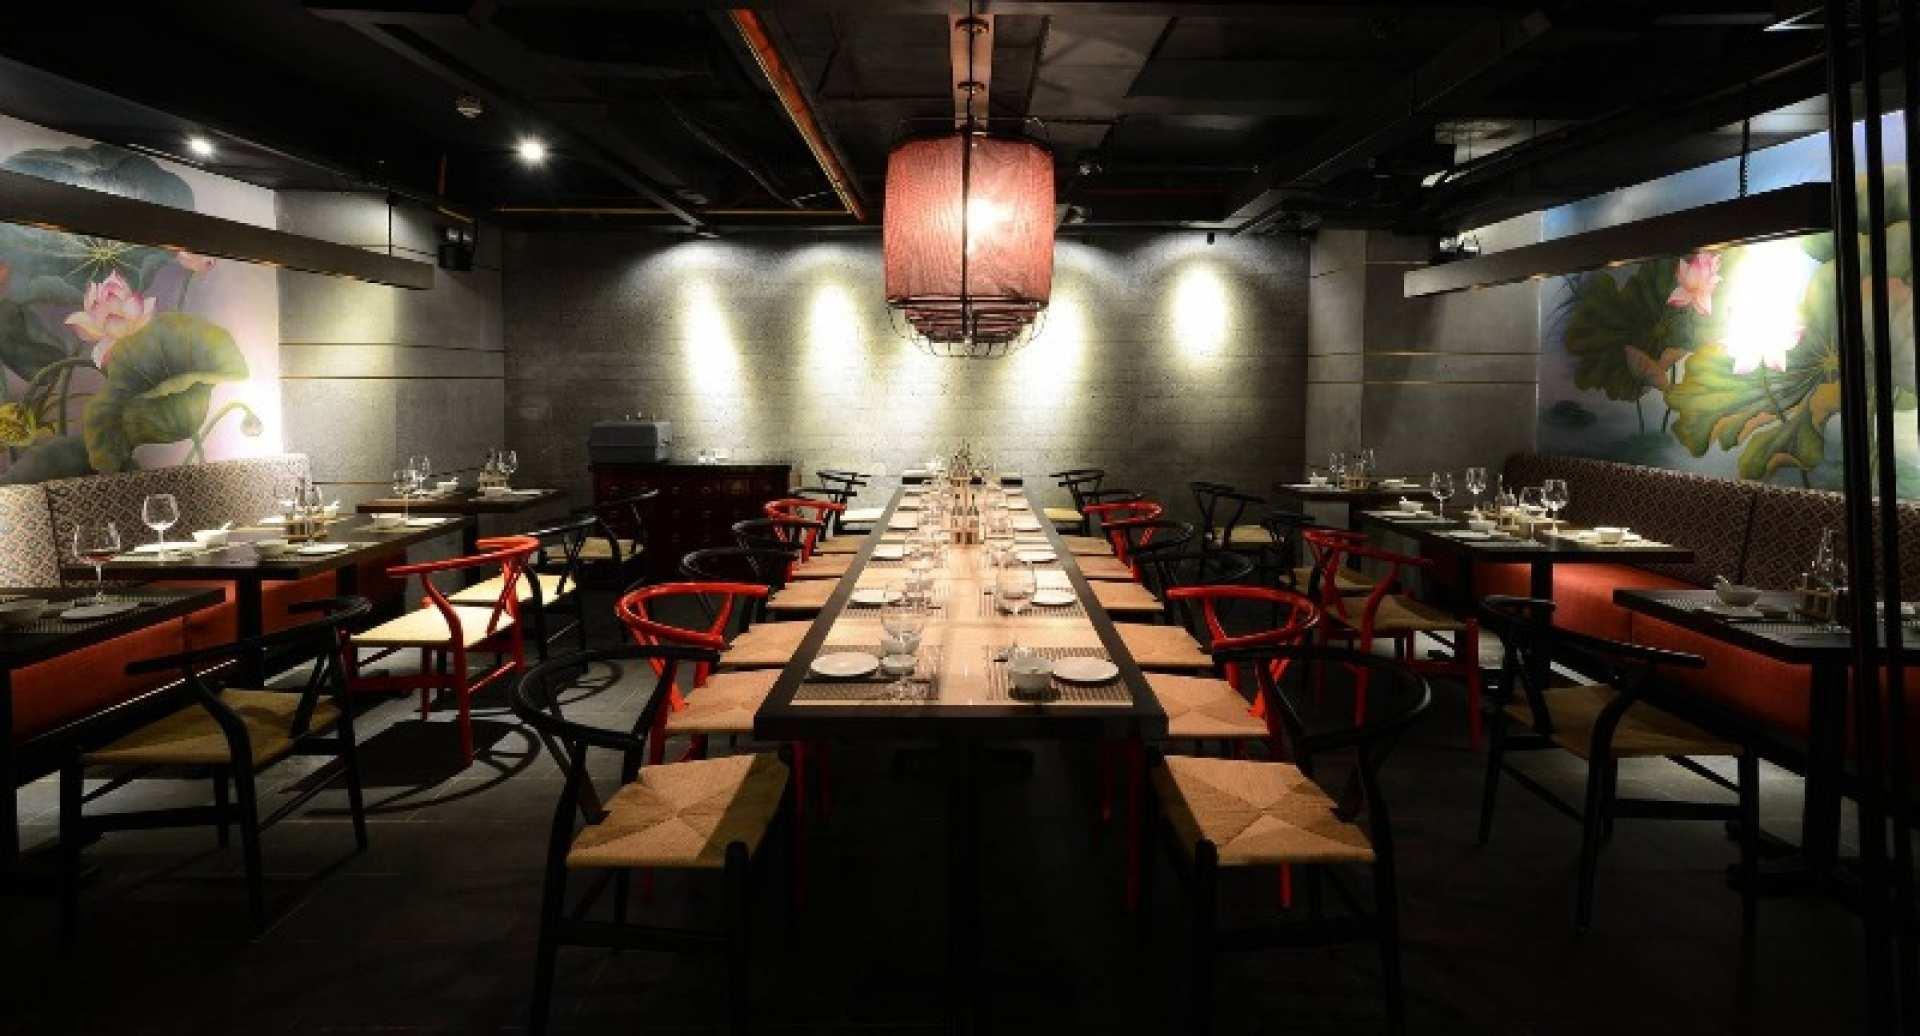 【道地中式料理】河內老城區 Ngo Dining 餐廳套餐